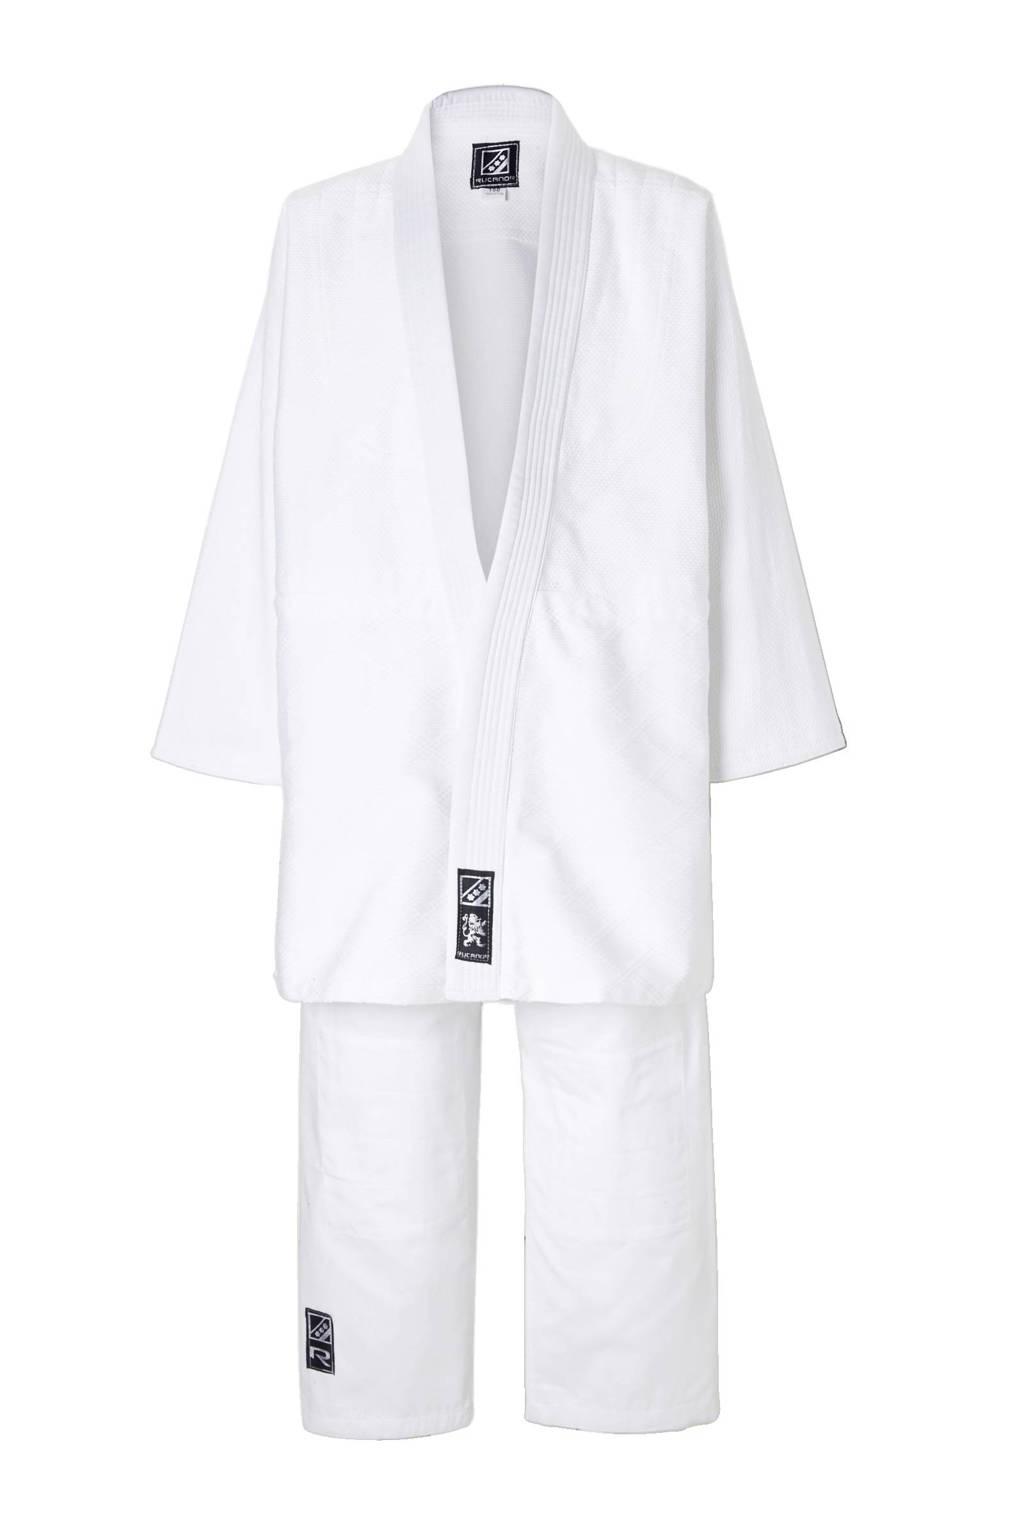 Rucanor  judopak, wit/ zwart